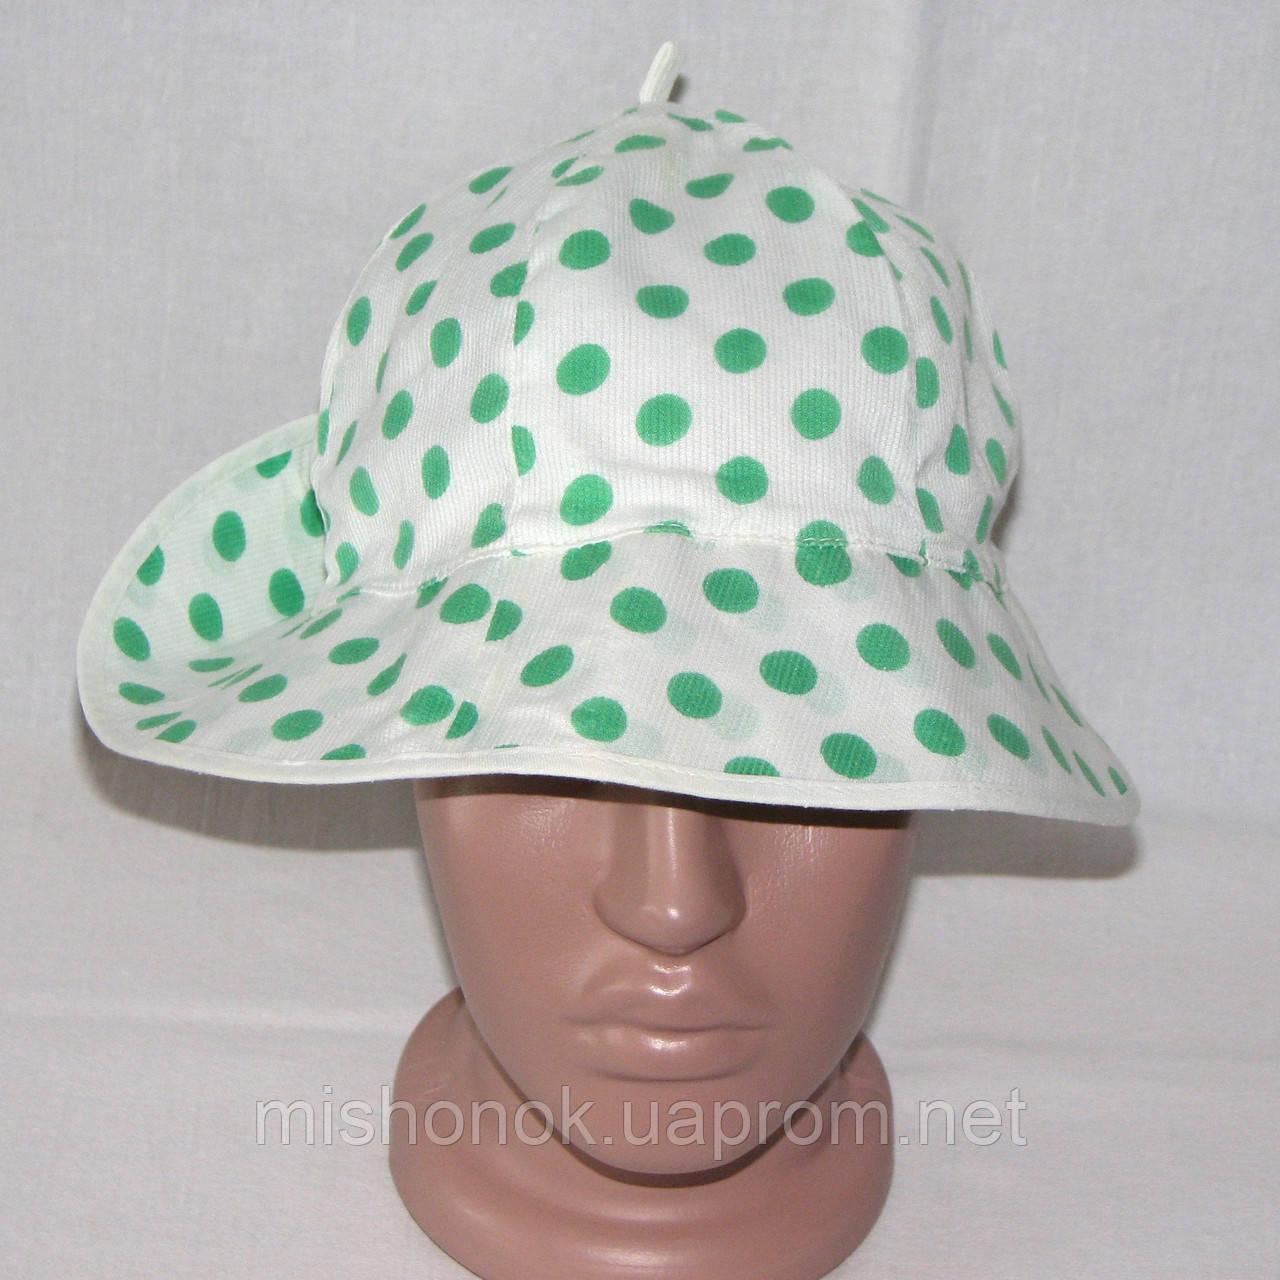 Панамка женская, хлопковая шляпка для пляжа в горошек, р. 54